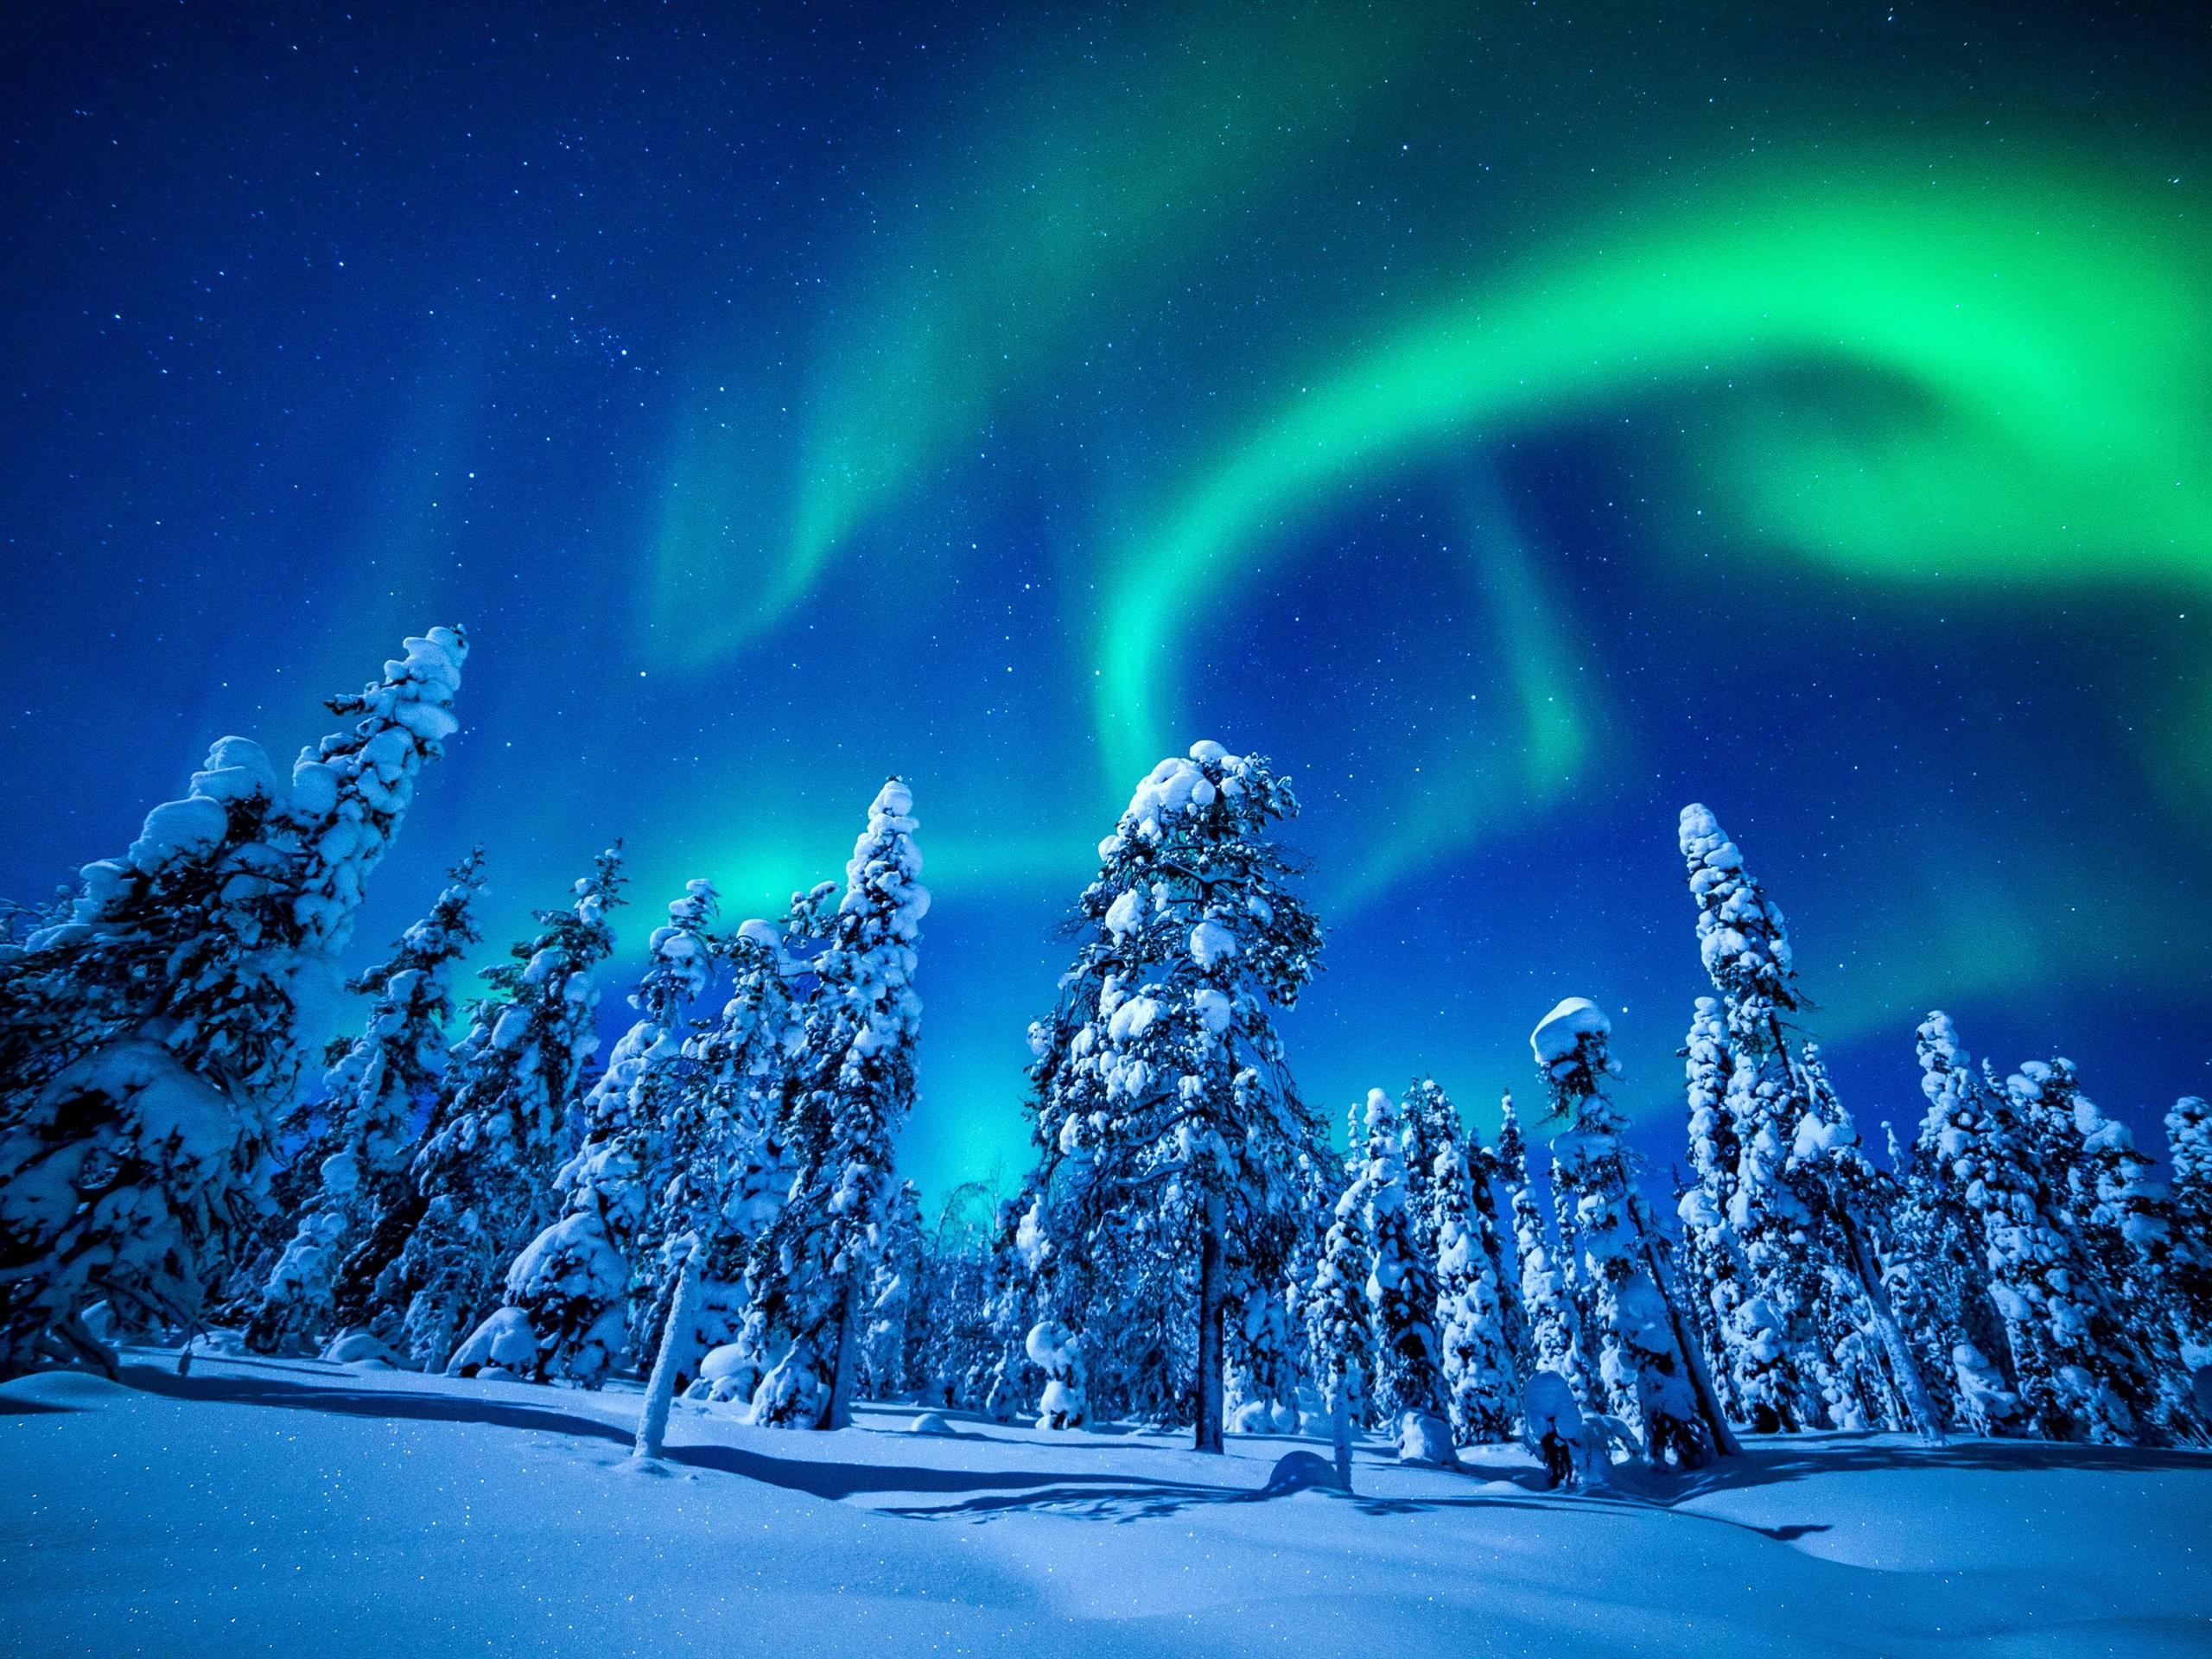 картинки северного сияния зимой для